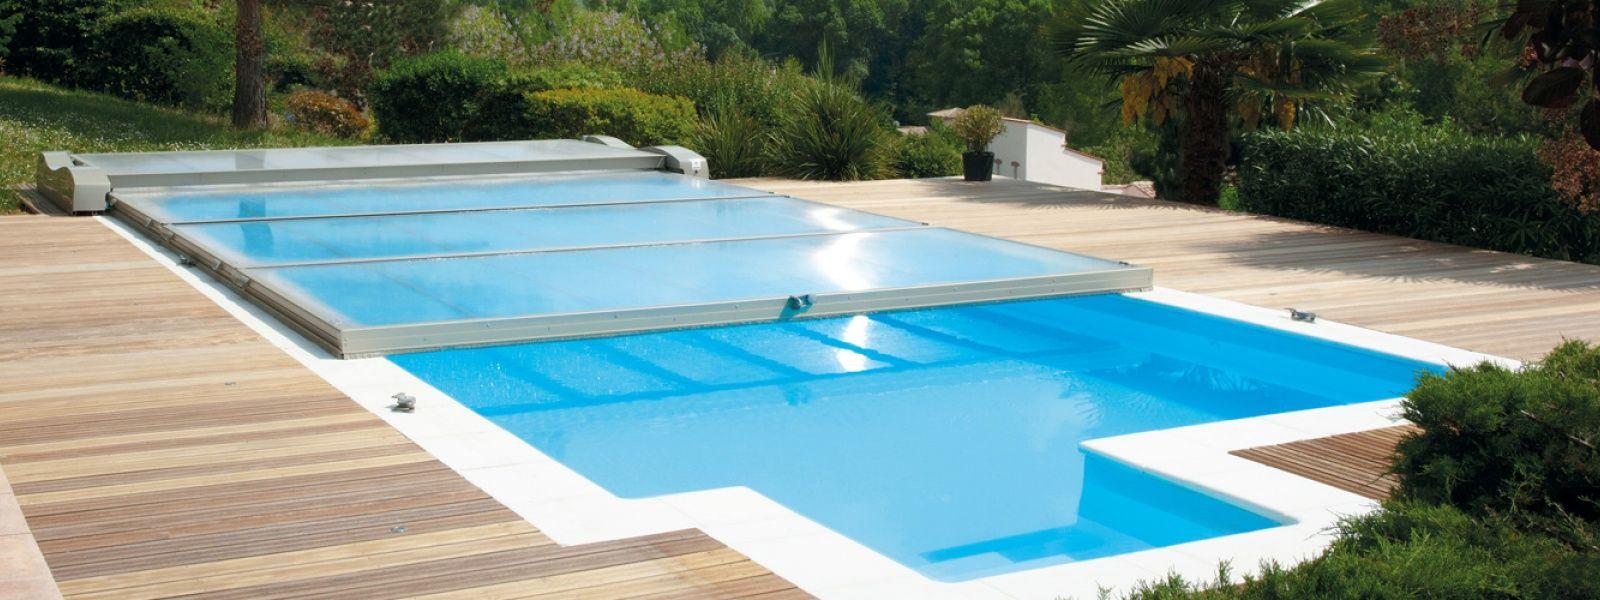 Cubierta de piscina plana motorizada cubierta piscina for Cuanto cuesta hacer una pileta de material 2016